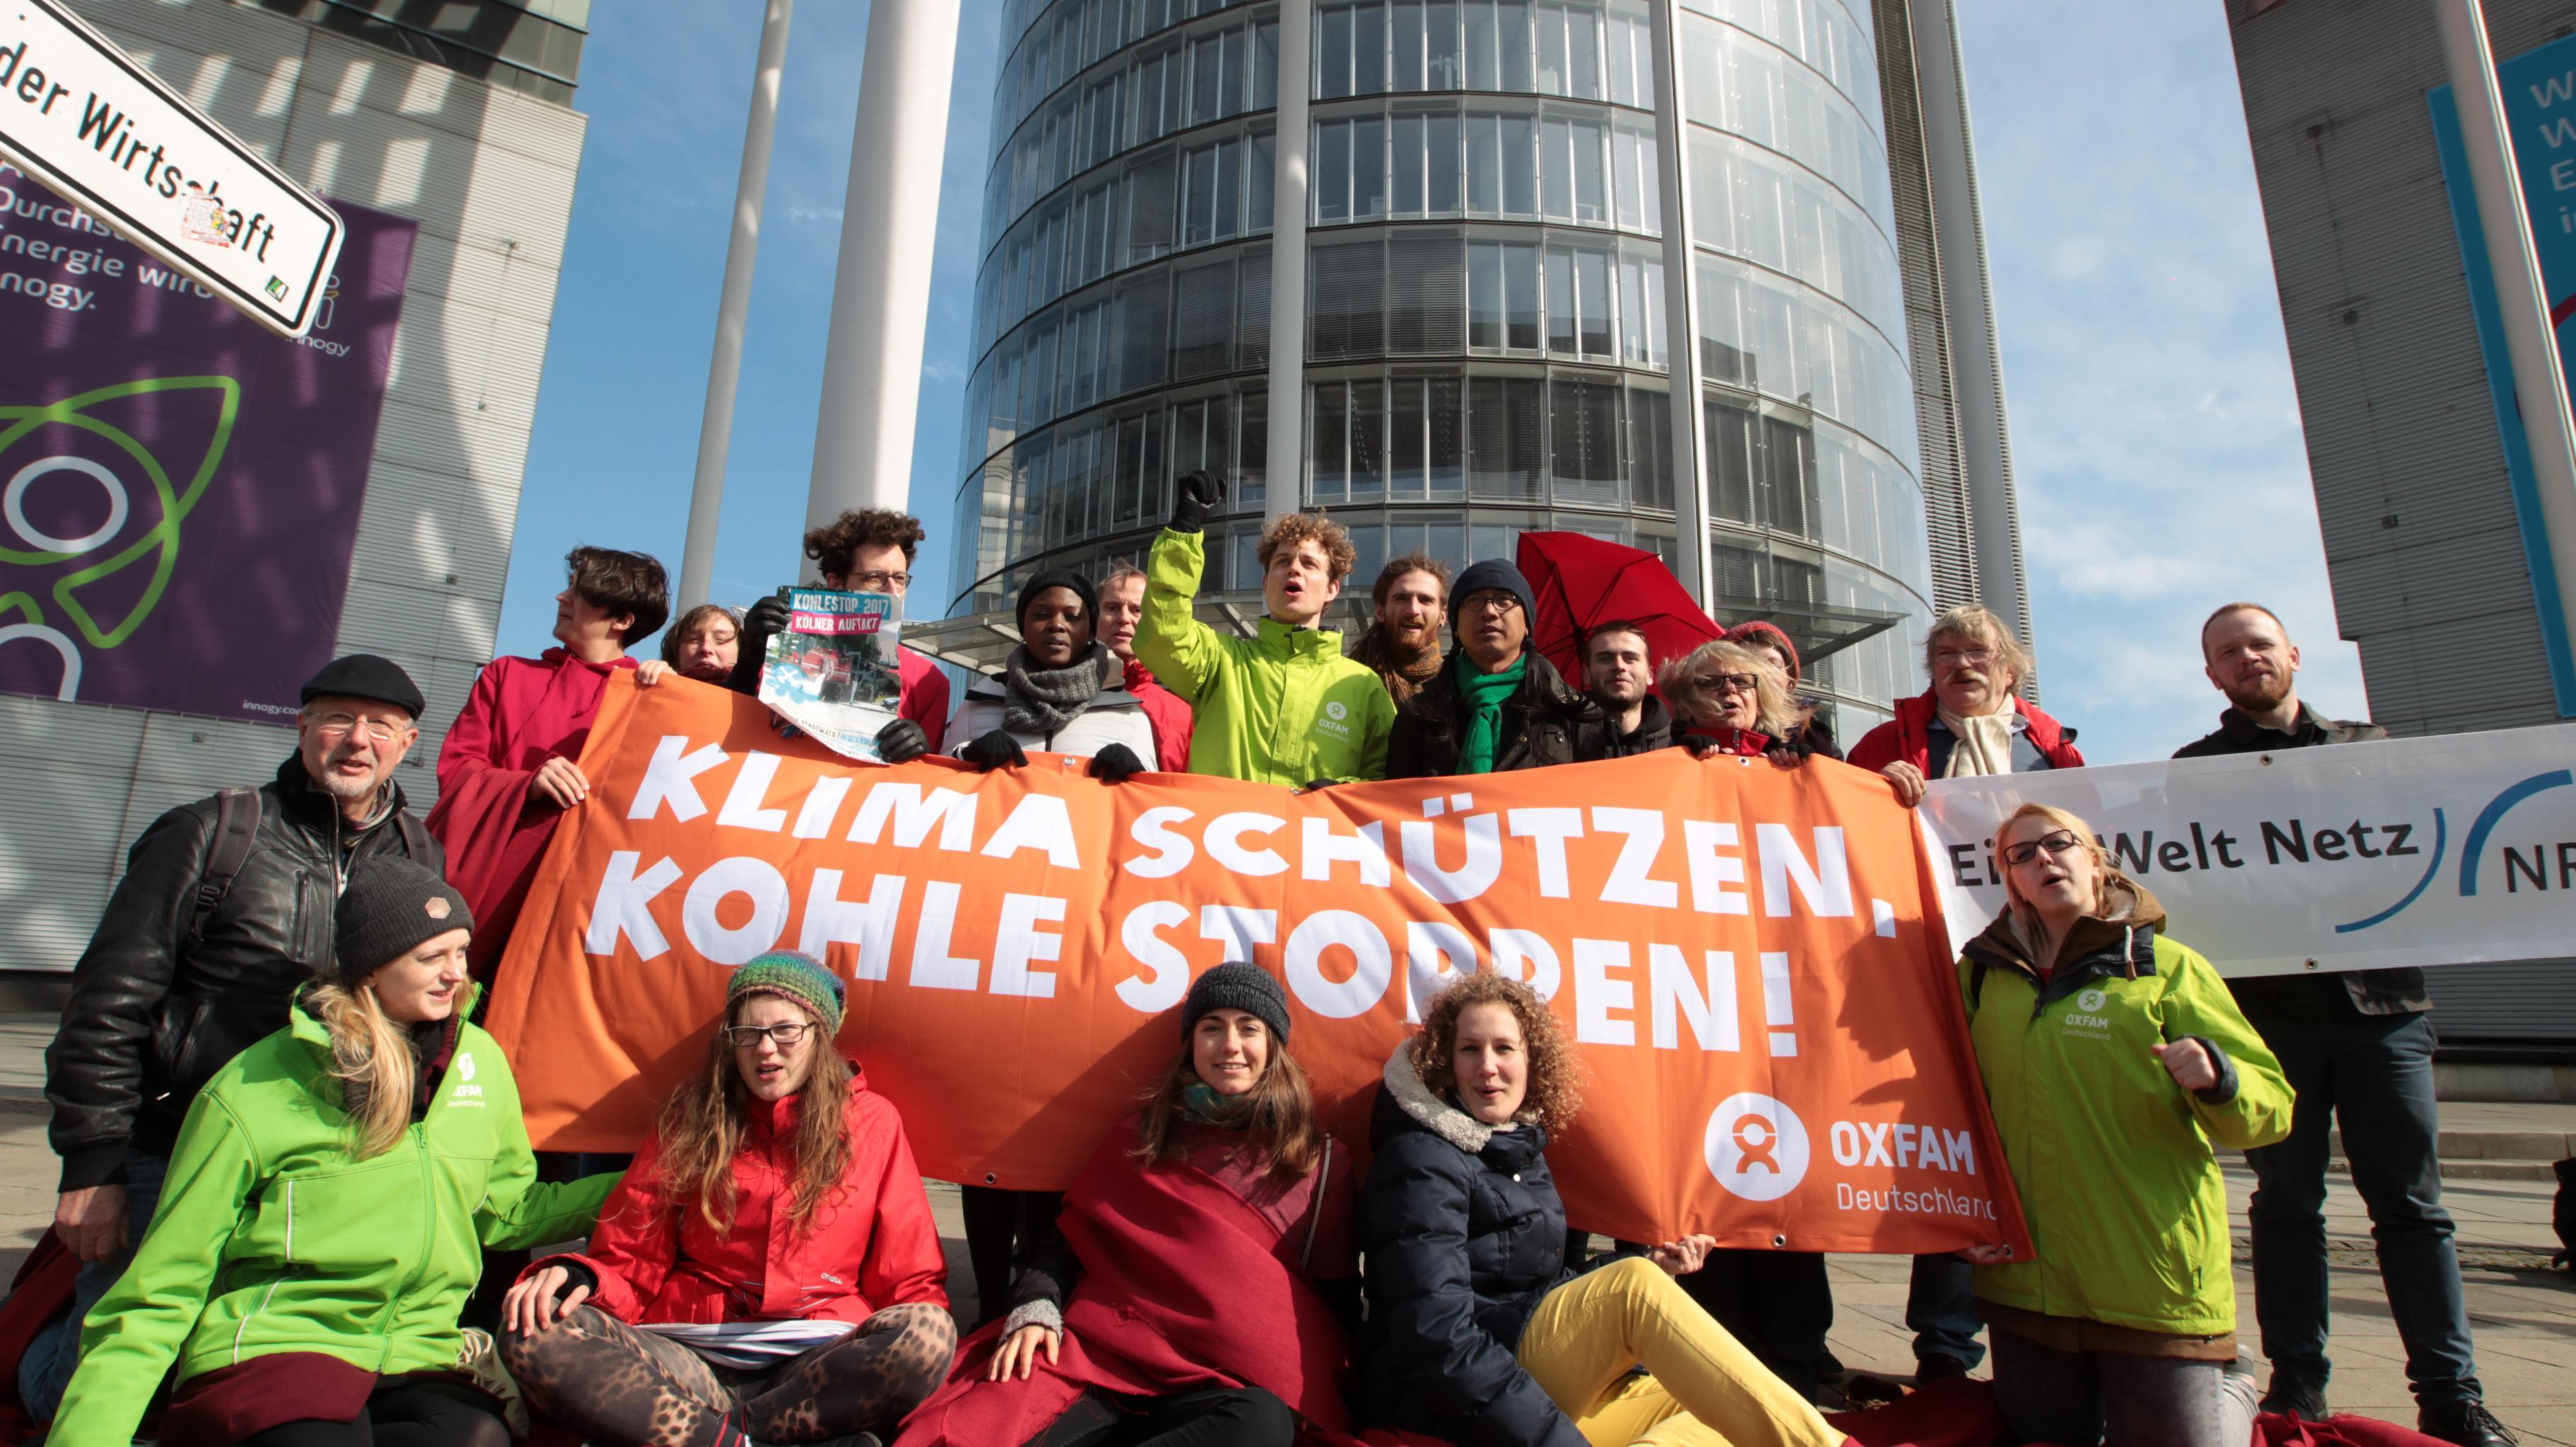 """Aktivist/innen protestieren mit einem Banner vor der RWE-Zentrale: """"Klima schützen, Kohle stoppen!"""""""